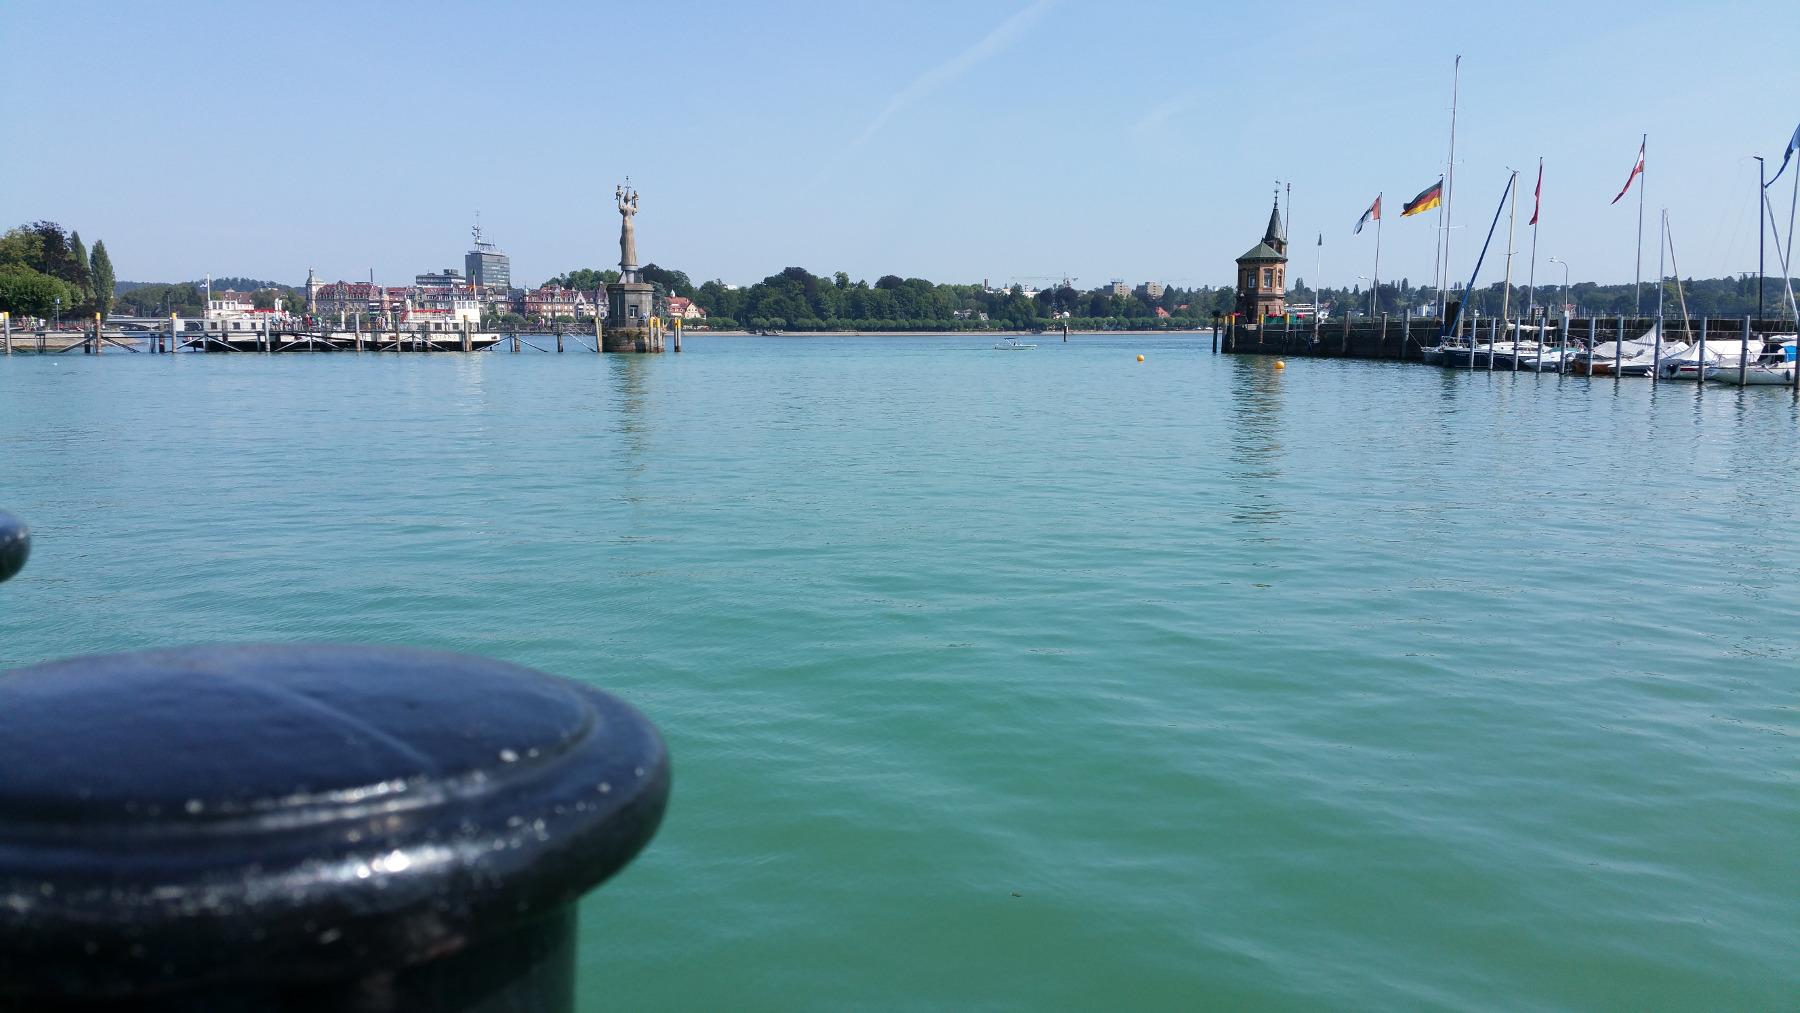 Hafen Konstanz vom See aus - Bodensee Sommer 2015